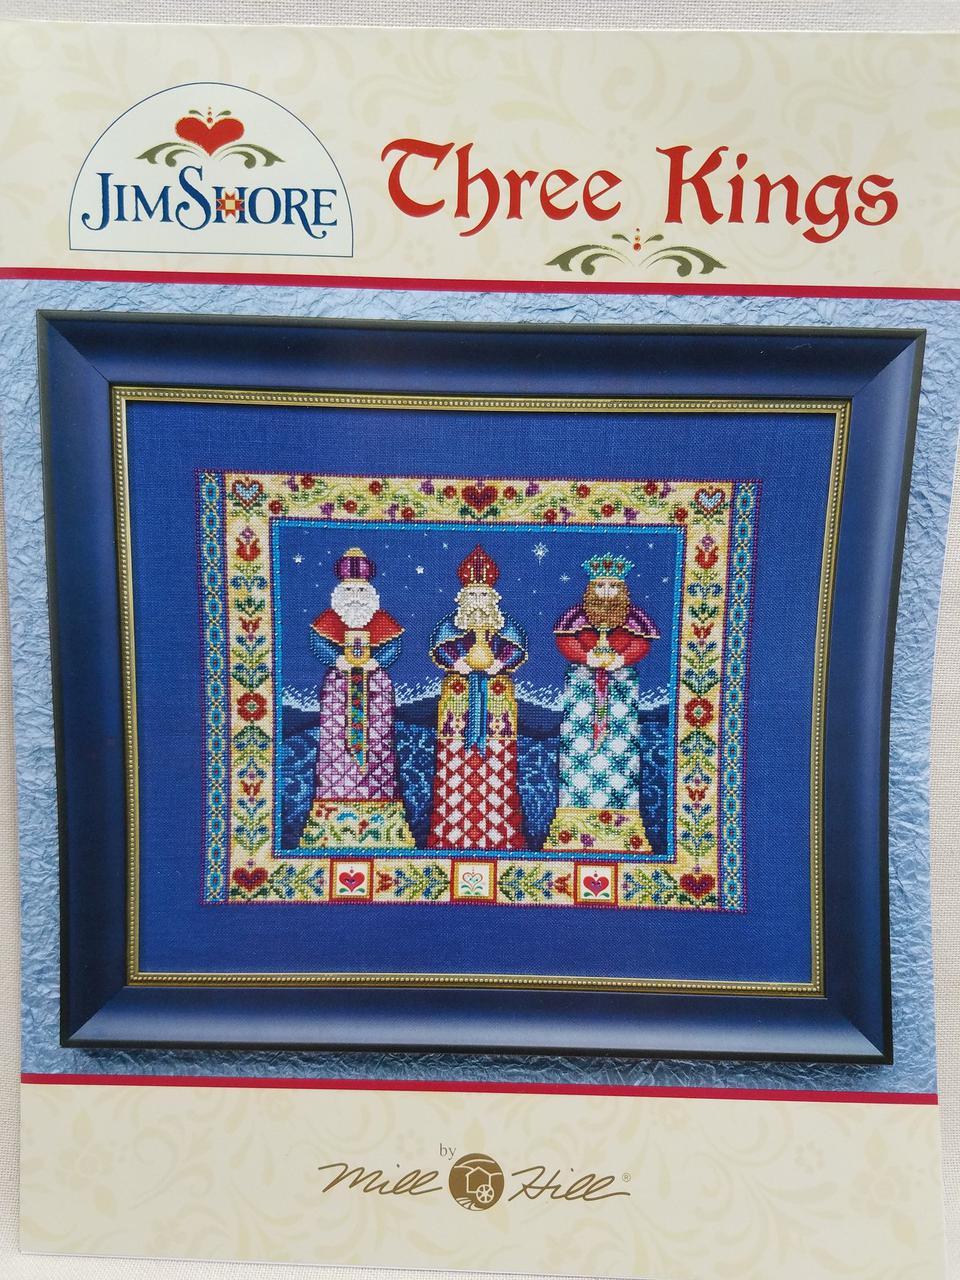 Схема Three Kings (Три короля) Jim Shore